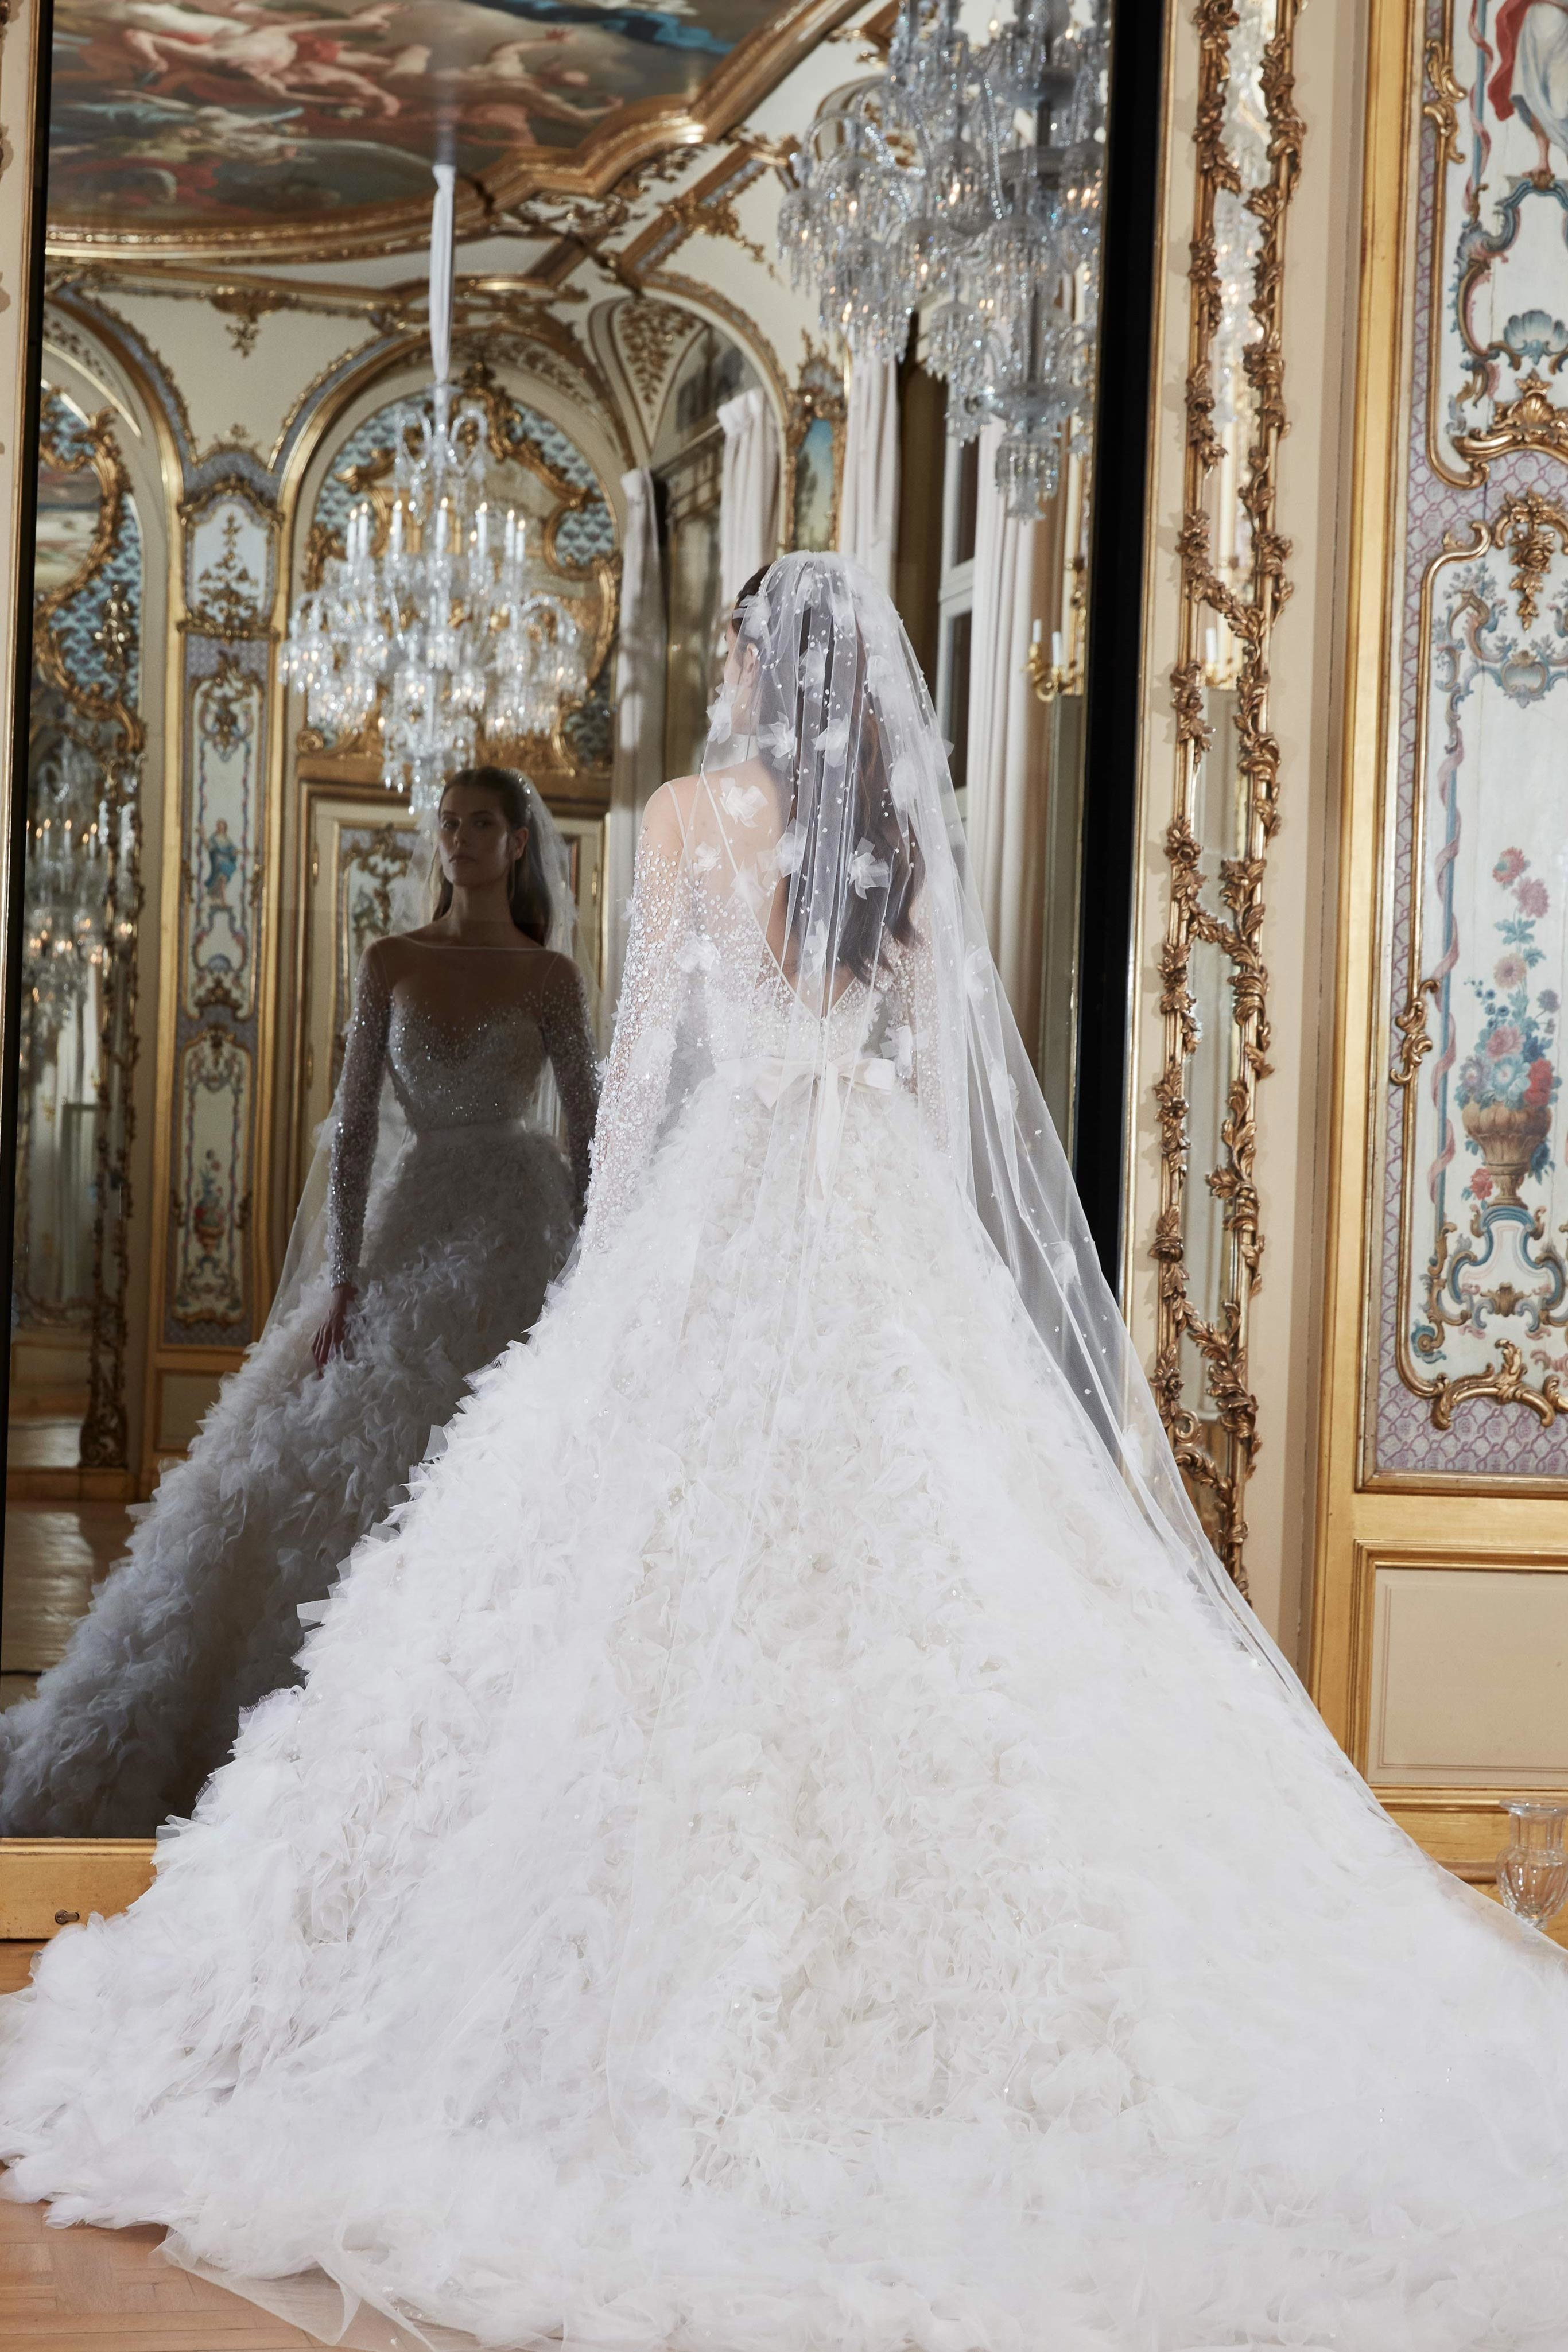 020-Elie-Saab-Vogue-spring-Bridal-2019-pr